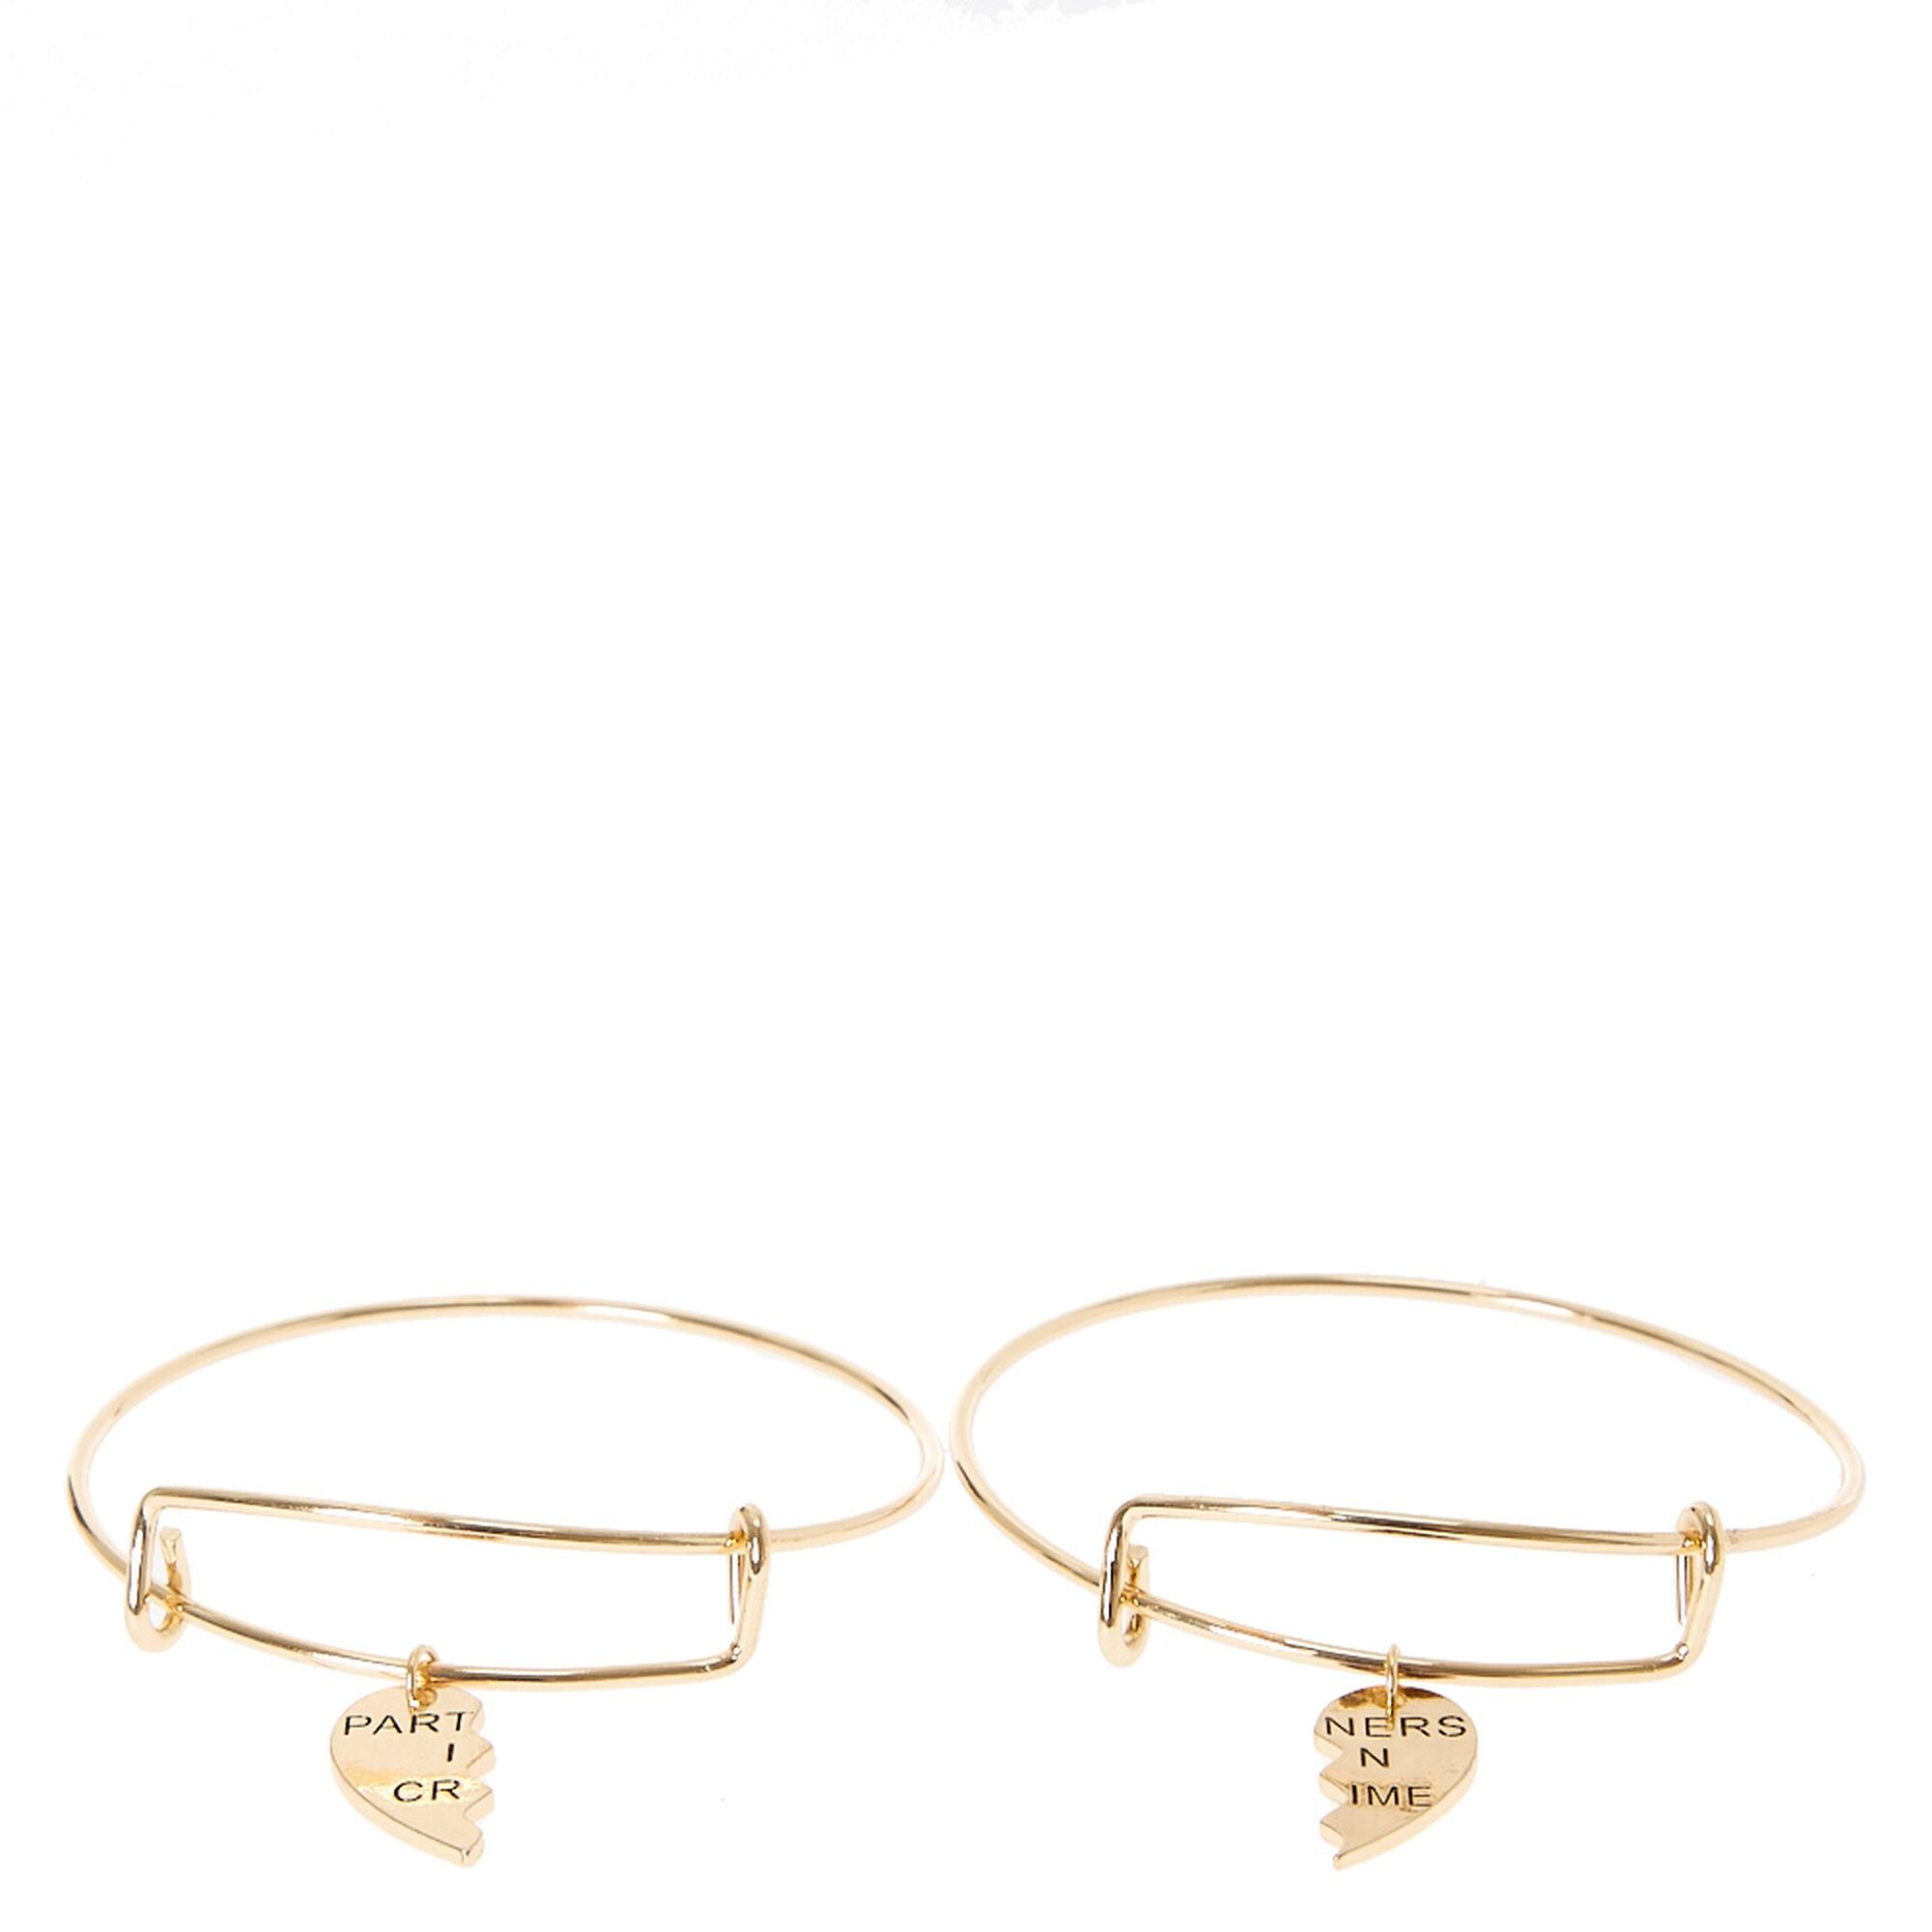 Gold Partners in Crime Split Heart Charm Bangle Bracelets